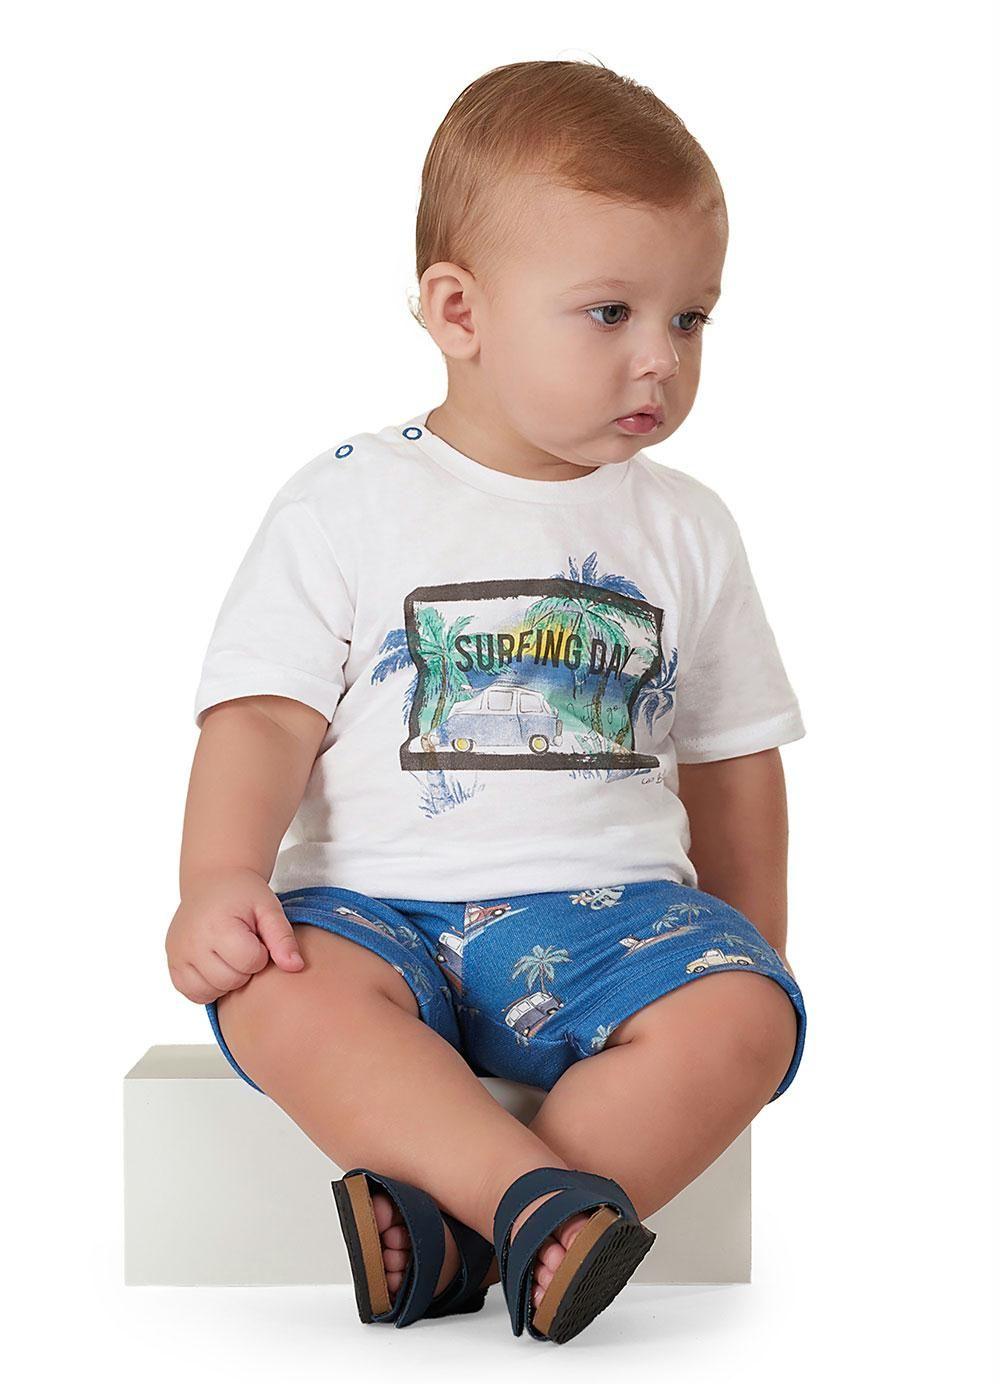 Conjunto 2 Peças De Algodão Camiseta E Bermuda Surfing Day Up Baby